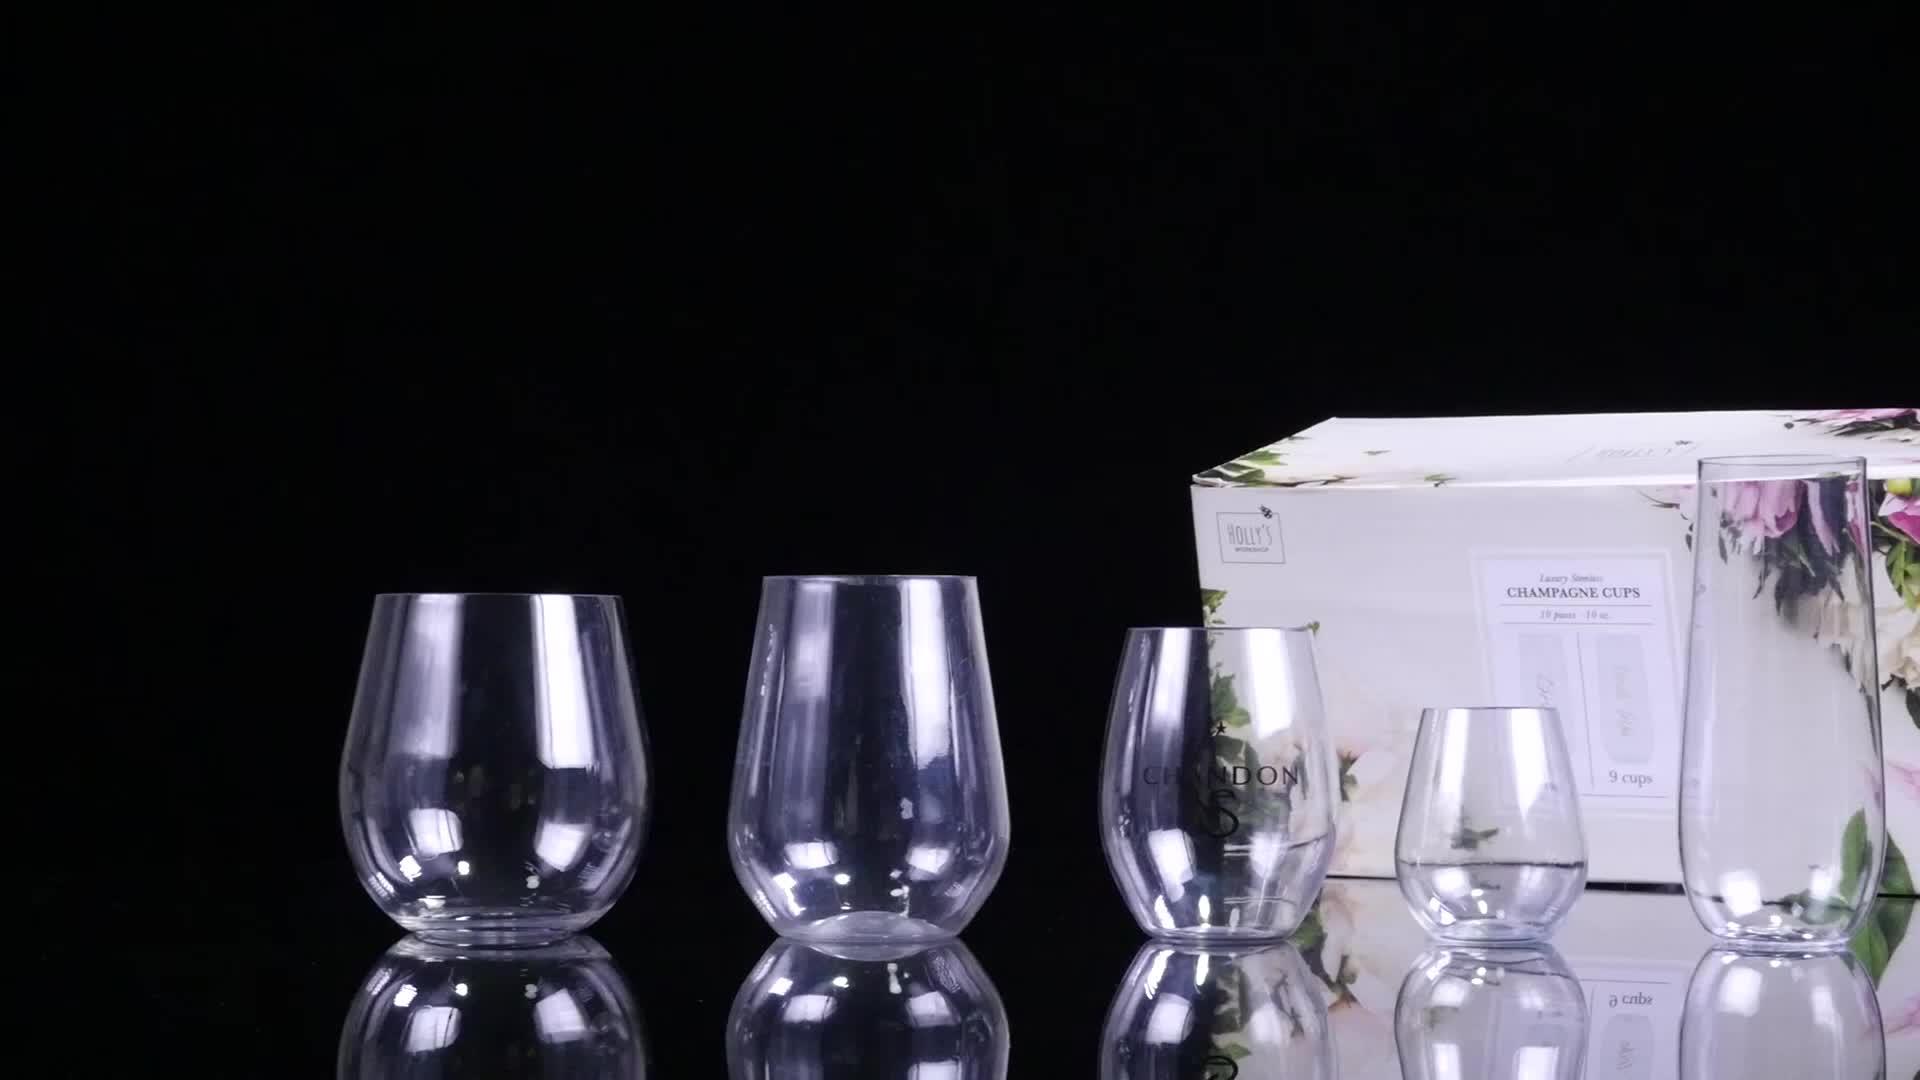 Tanpa Tangkai Plastik Anggur Kaca Anti Pecah Dapat Digunakan Kembali Tritan Gelas Anggur 4 Set